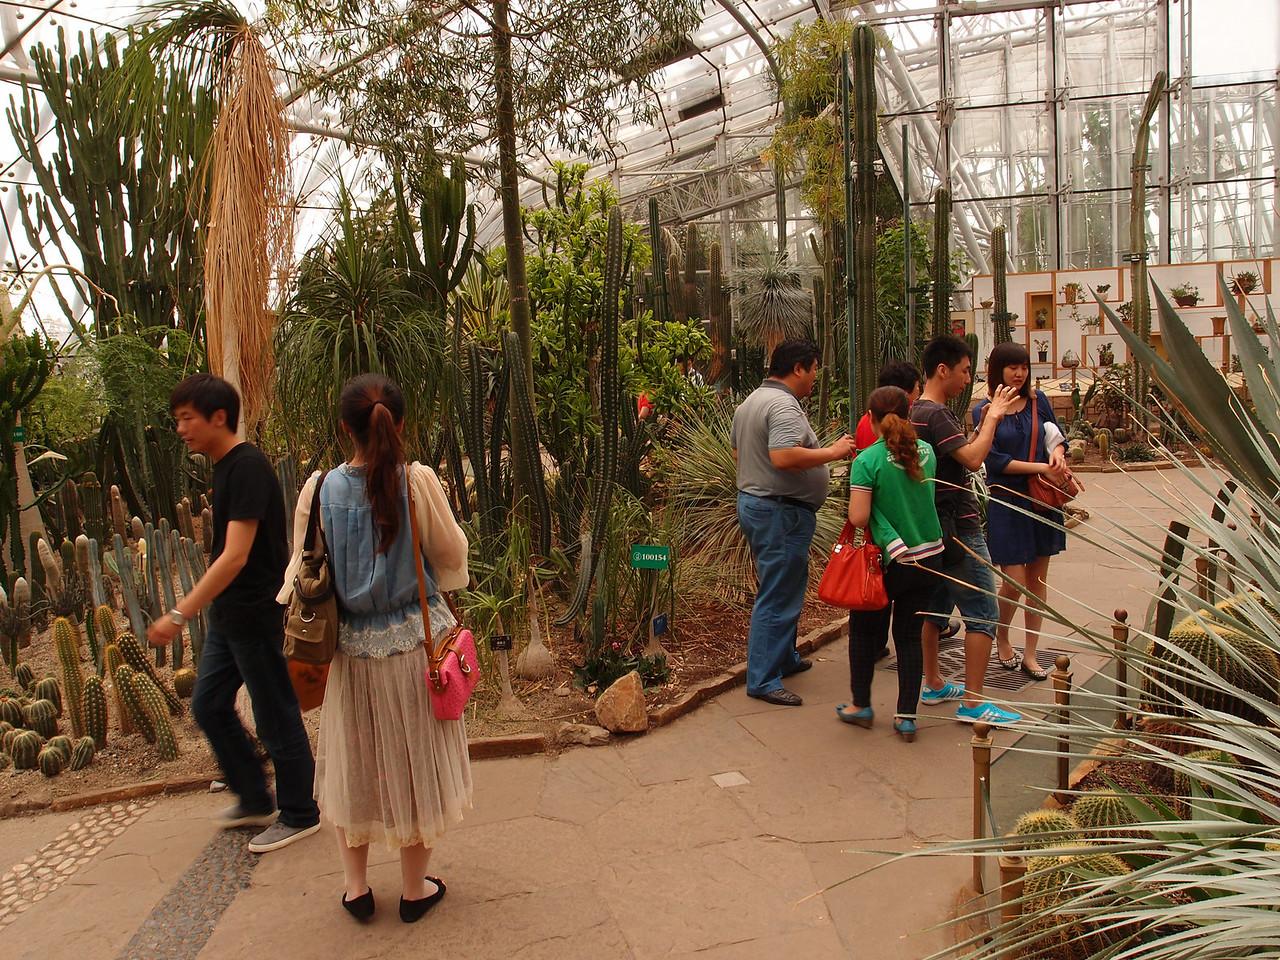 20120513_1502_0447 Beijing Botanical Gardens (glasshouse)